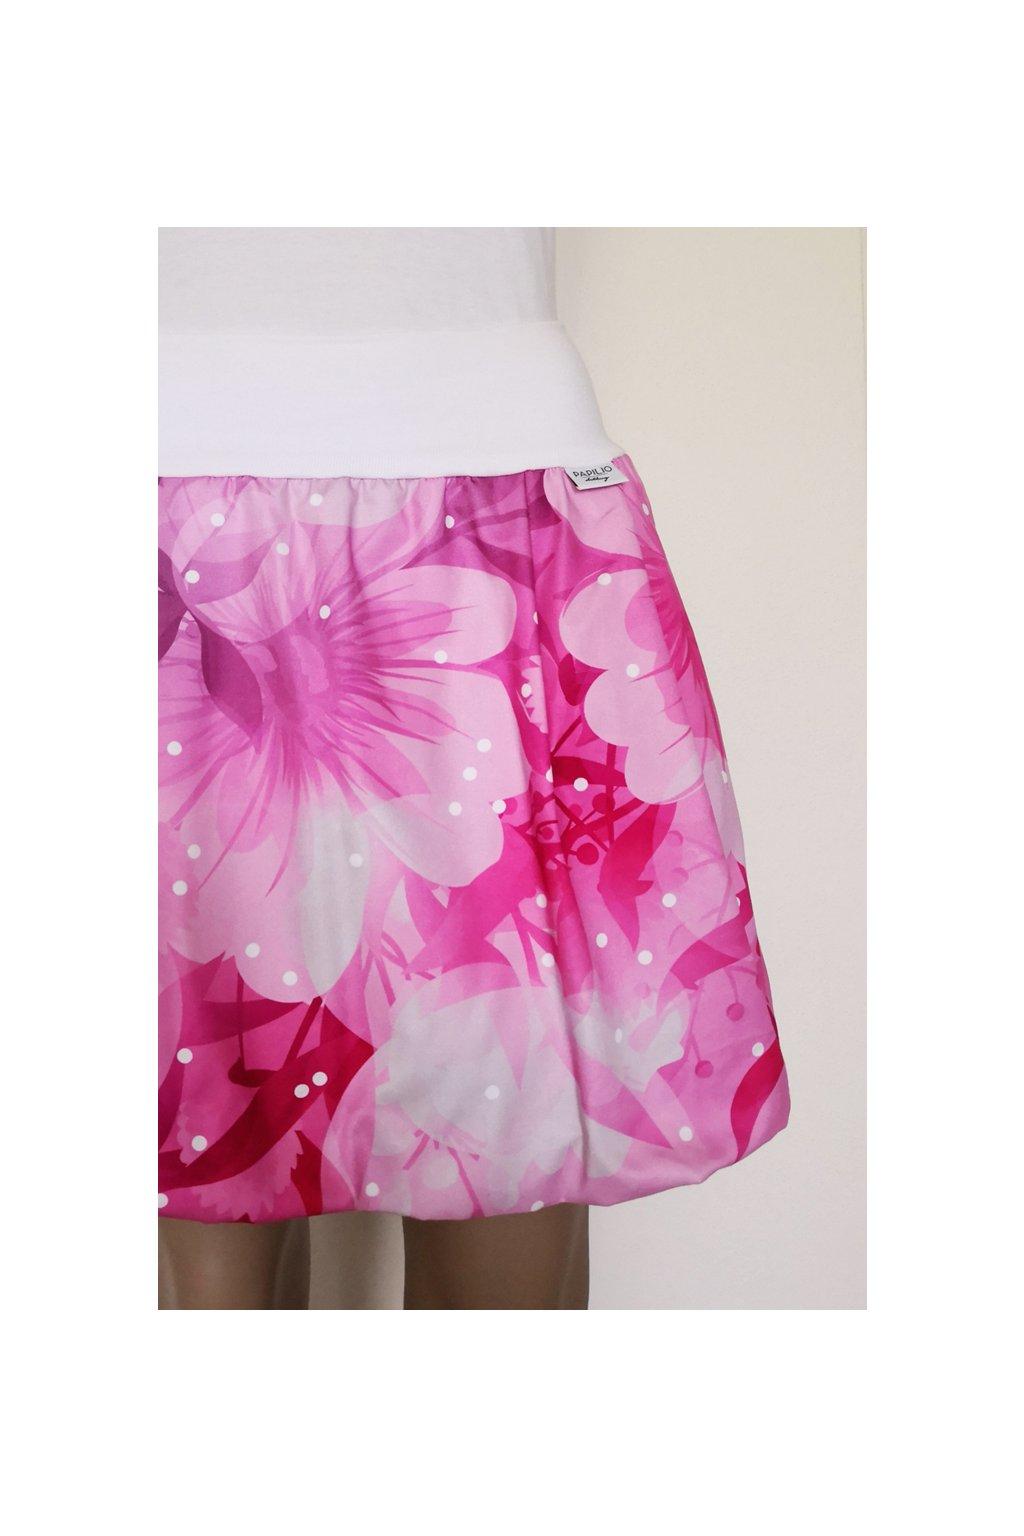 SLADEM - Balonová sukně Růžové květy, velikost S-M, délka 45 cm, kapsy ve švu   plátno